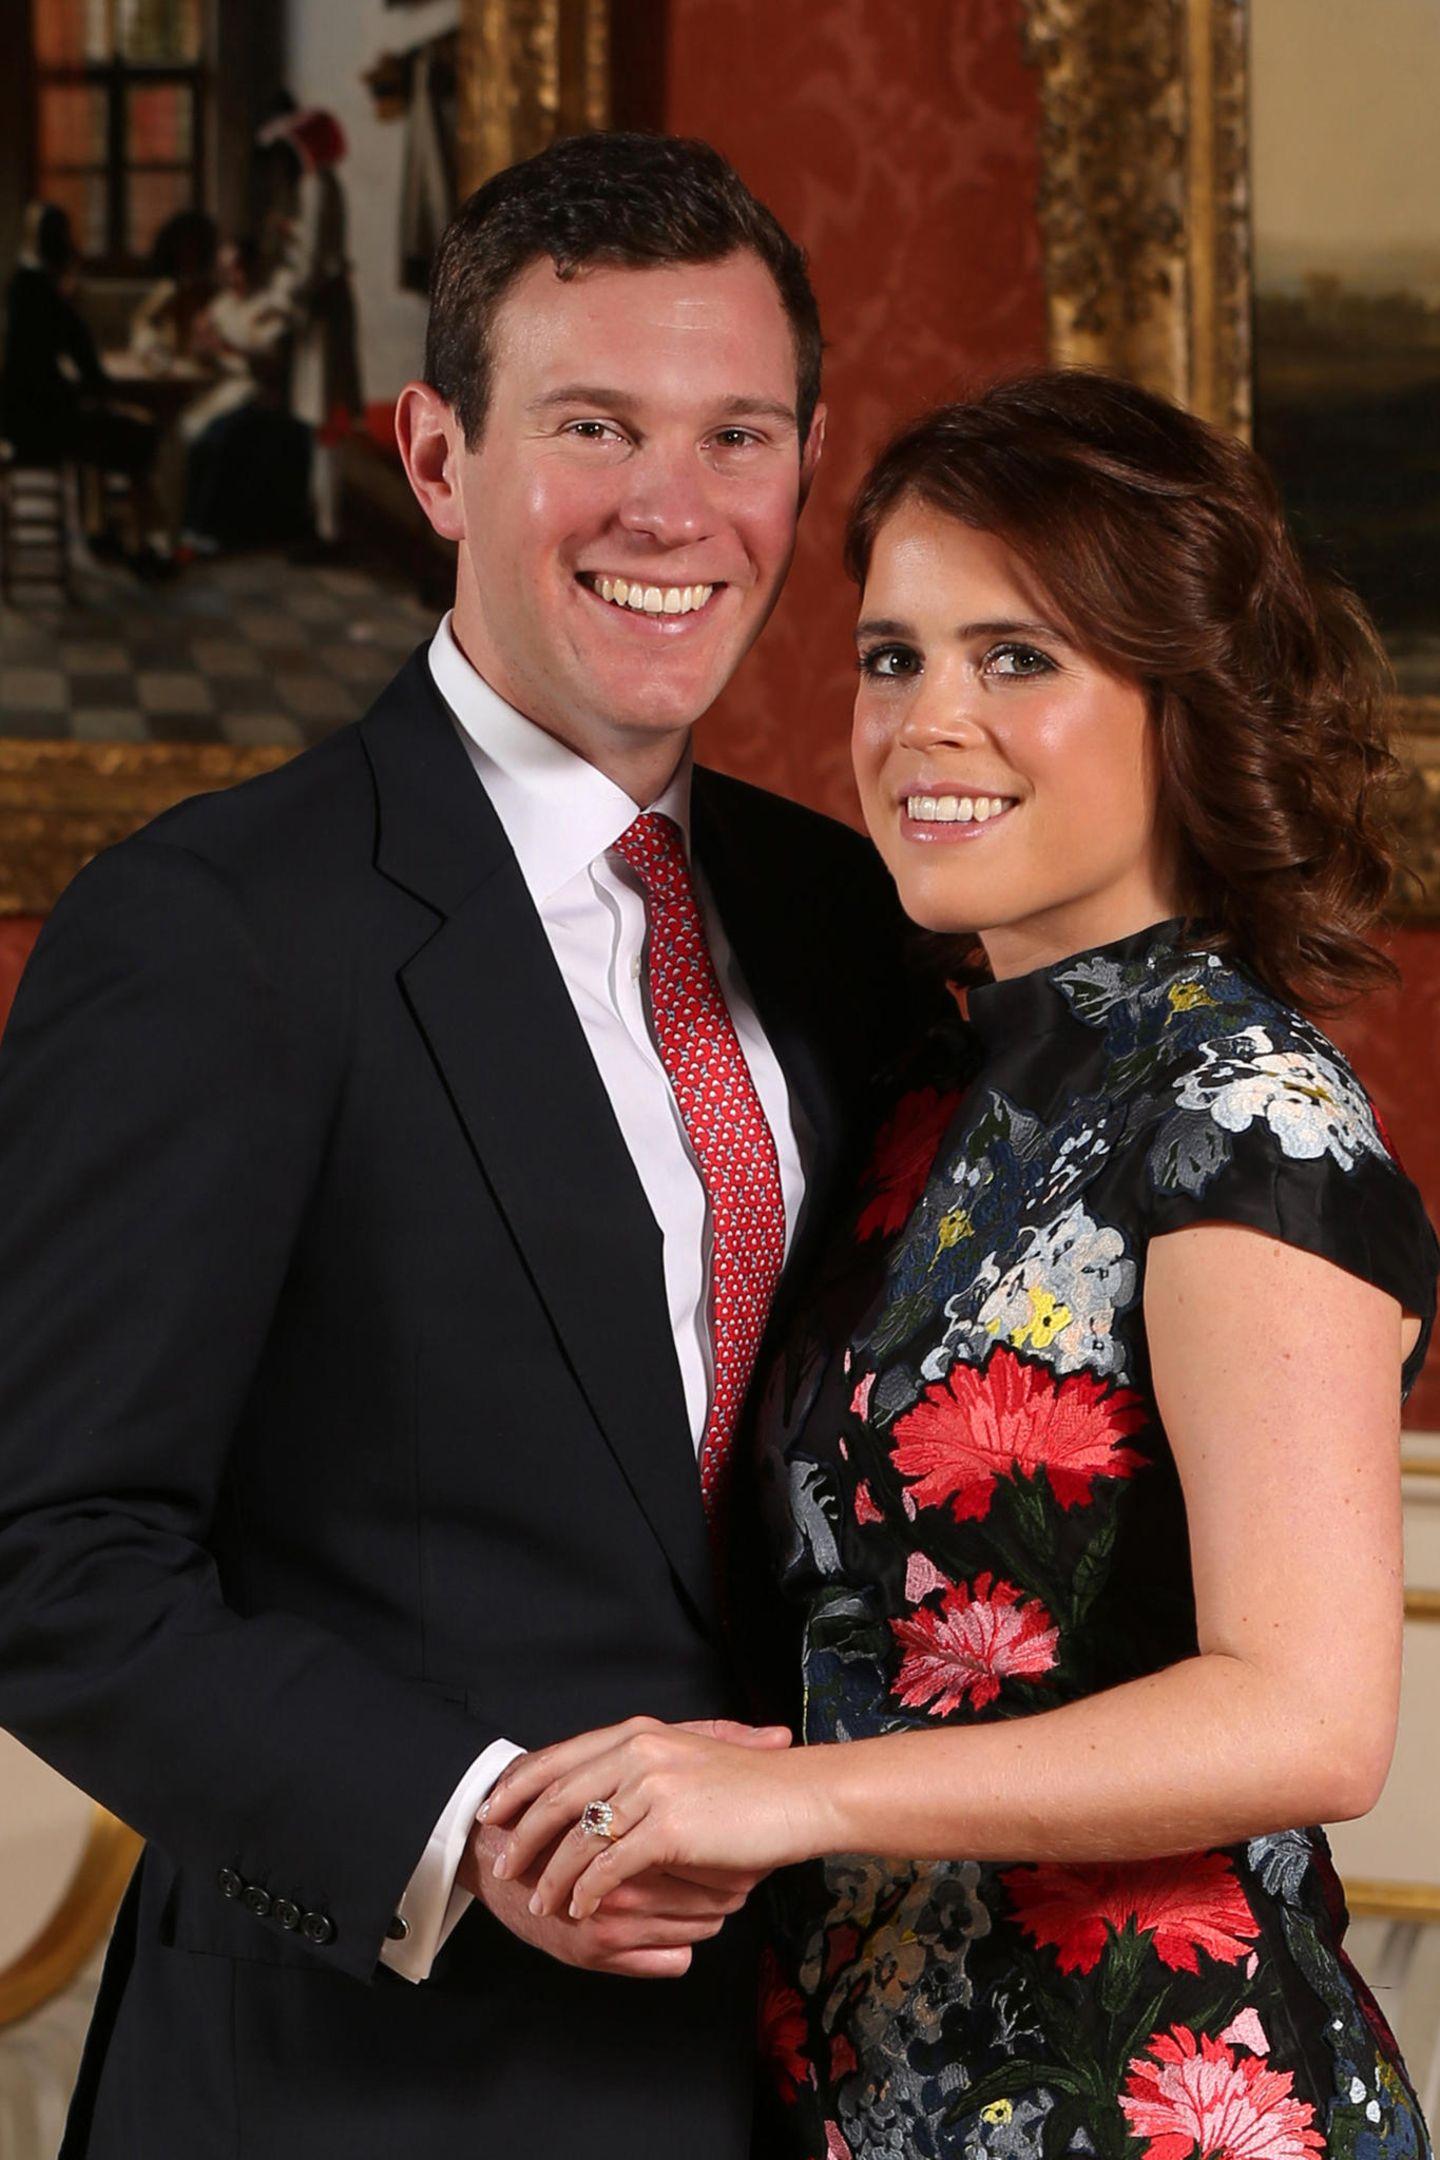 Seiner großen Liebe, Prinzessin Eugenie, steckt Jack Brooksbank einen besonders außergewöhnlichen Verlobungsring an den Finger:Das Schmuckstück ziert ein pinkfarbenerPadparadscha Saphir, der von Diamanten eingerahmt wird.